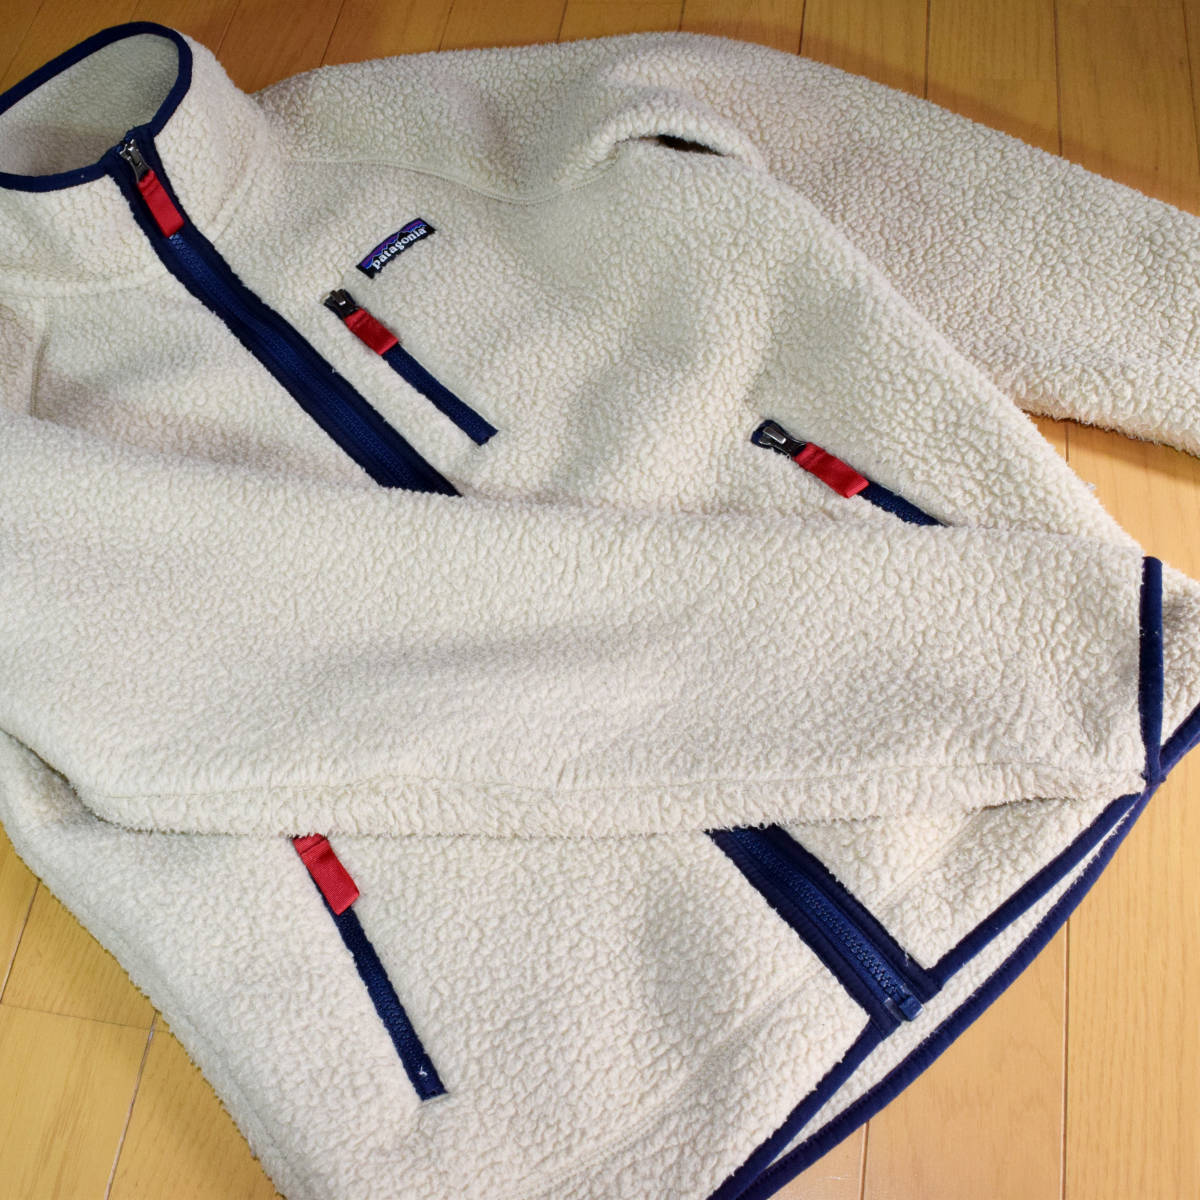 送料無料!人気カラー patagonia パタゴニア MEN'S retro pile jacket S サイズ レトロパイル ジャケット レトロX 希少22800FA18 ELKH_画像3